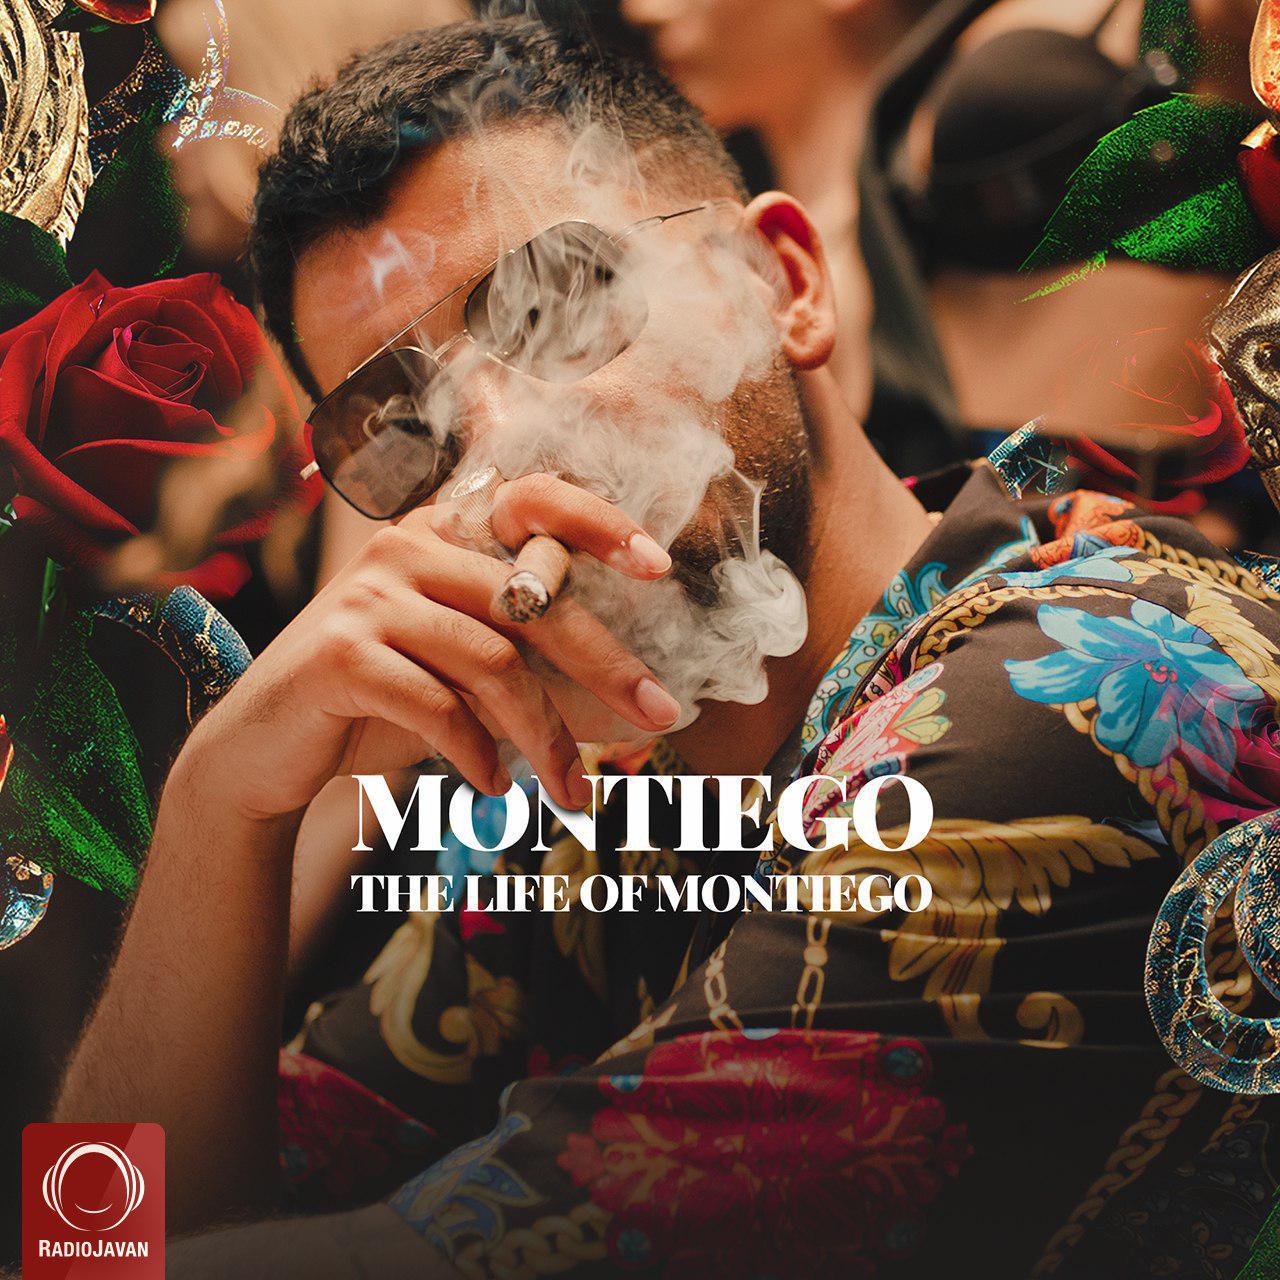 تصویر دانلود آلبوم زندگی مونتیگو The Lif Of Montiego